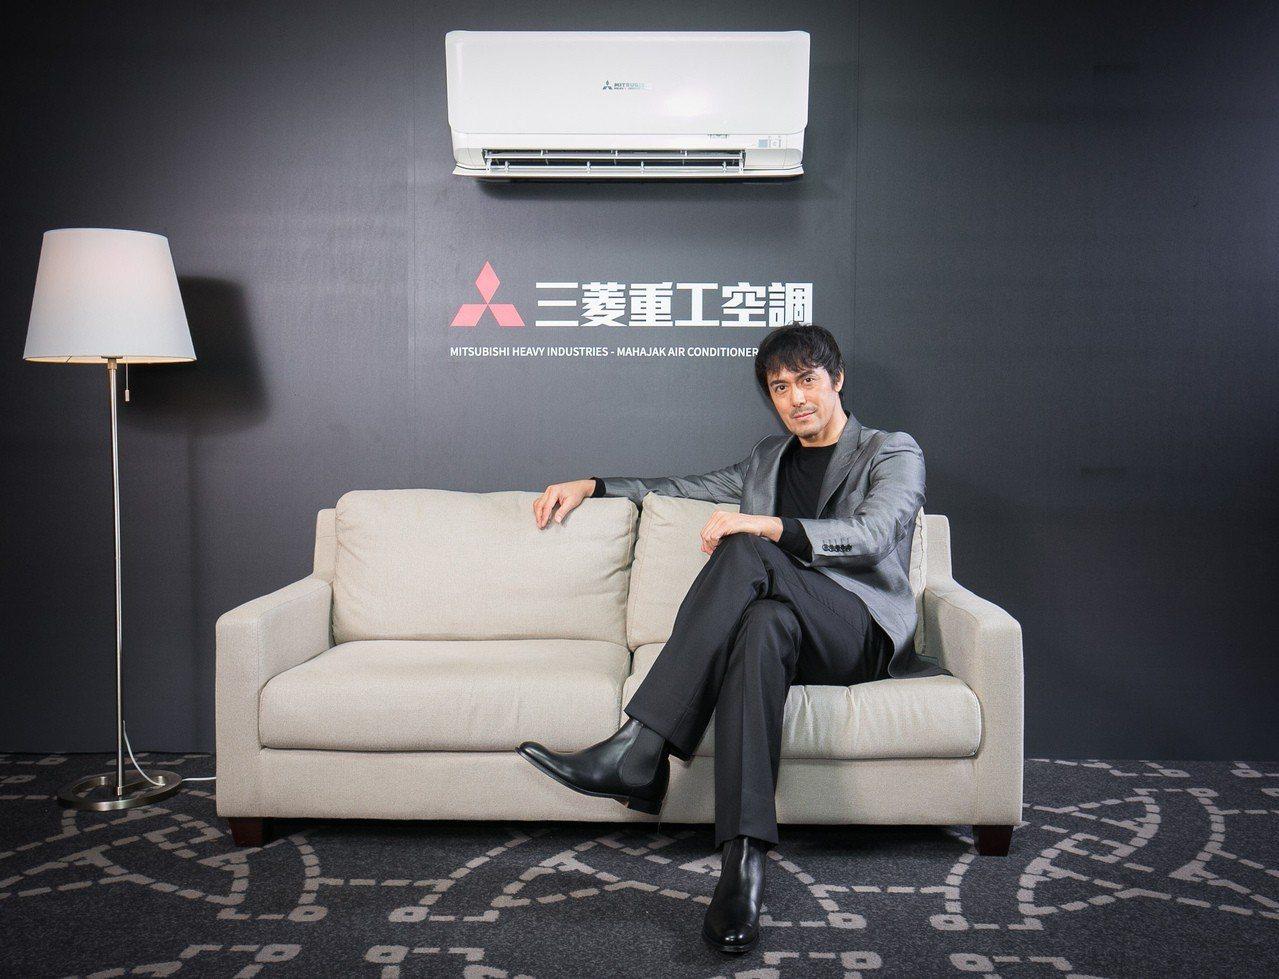 阿部寬今天(2/20)出席2019日本三菱重工空調系列新品發表會,提及空調對安心...